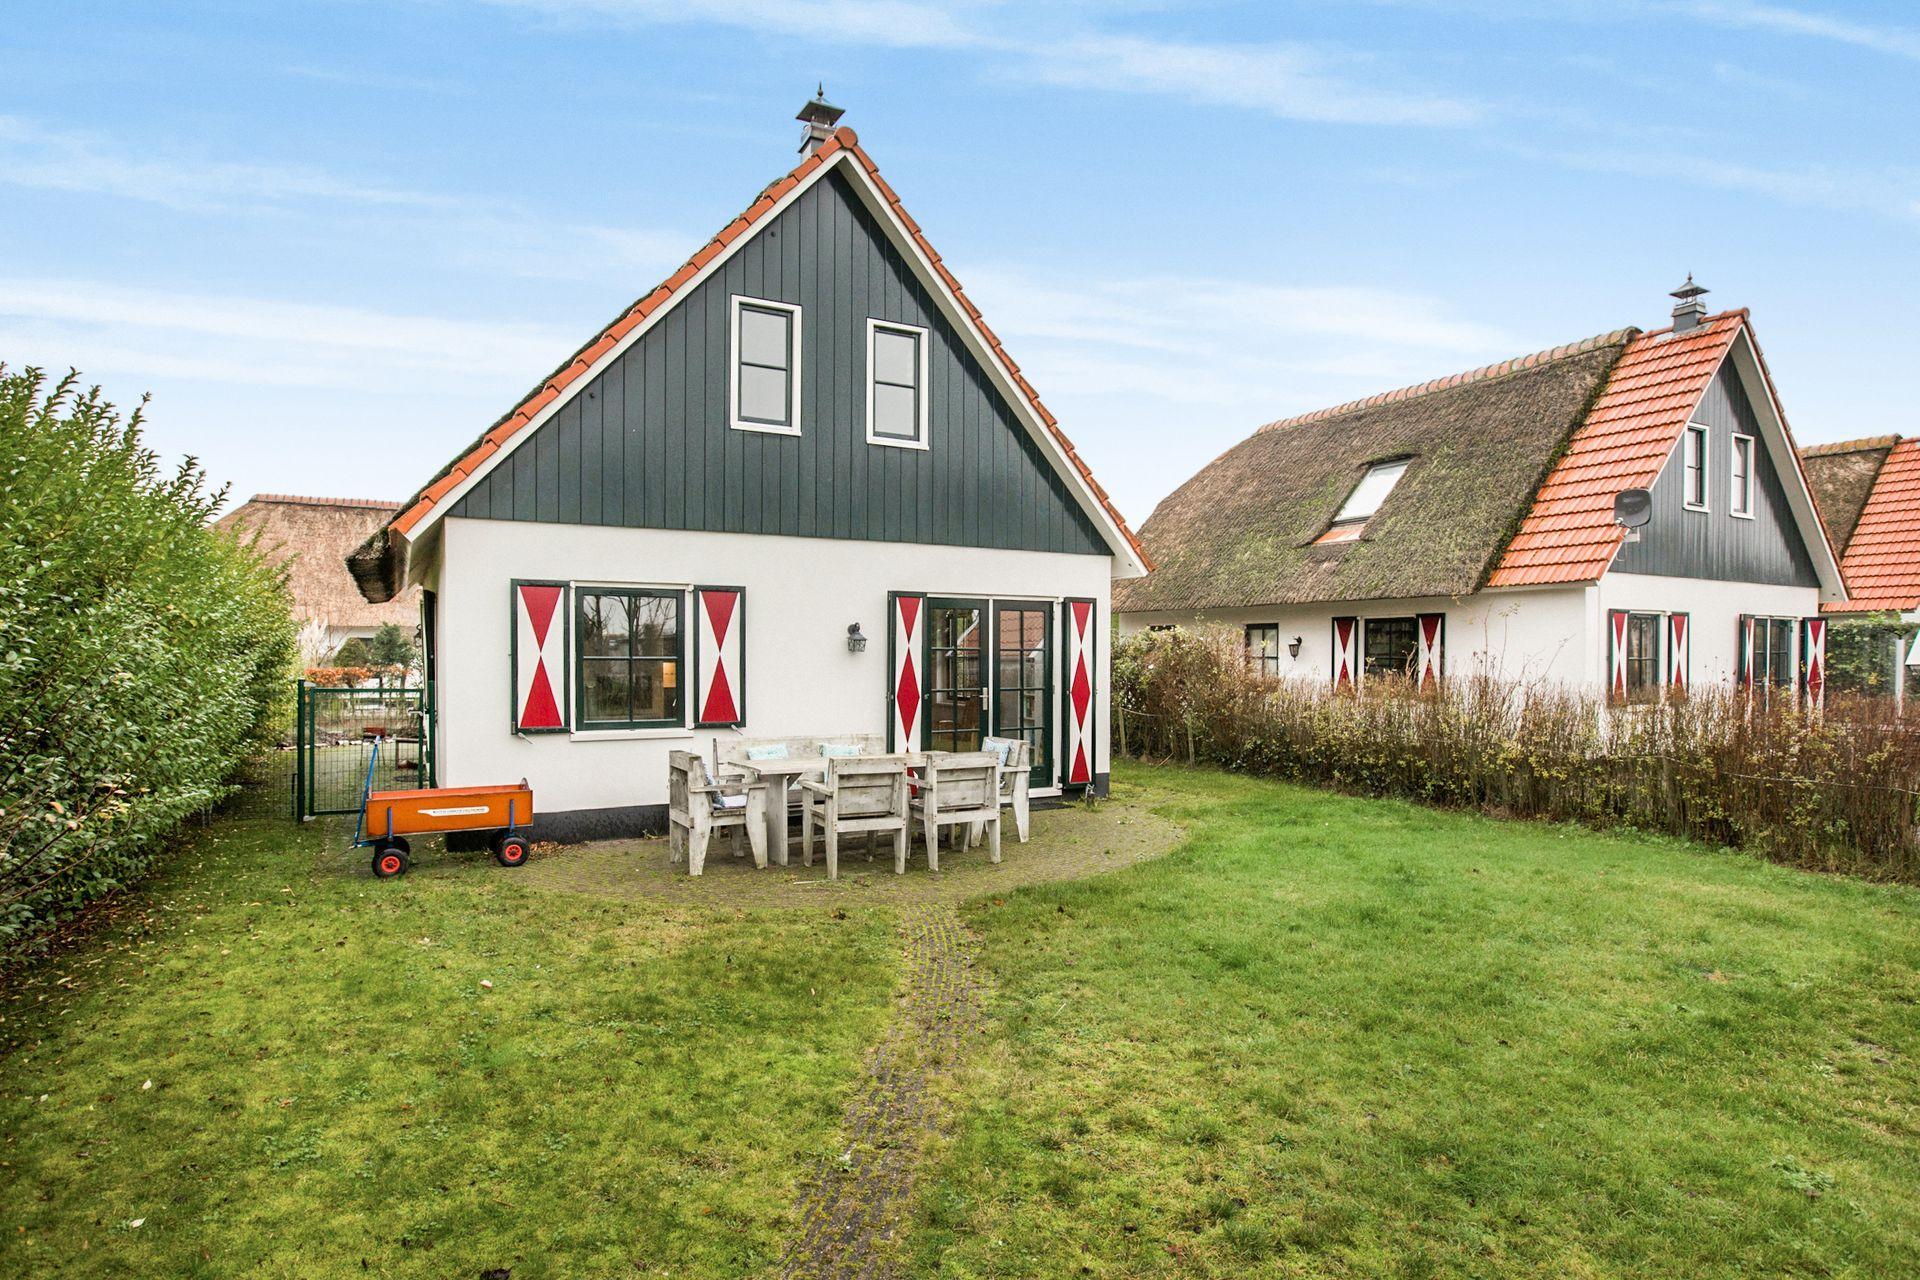 Bekijk de foto van: Abbestederweg 26 B 10, 1759 NB in Callantsoog - Echt Makelaars & Taxateurs